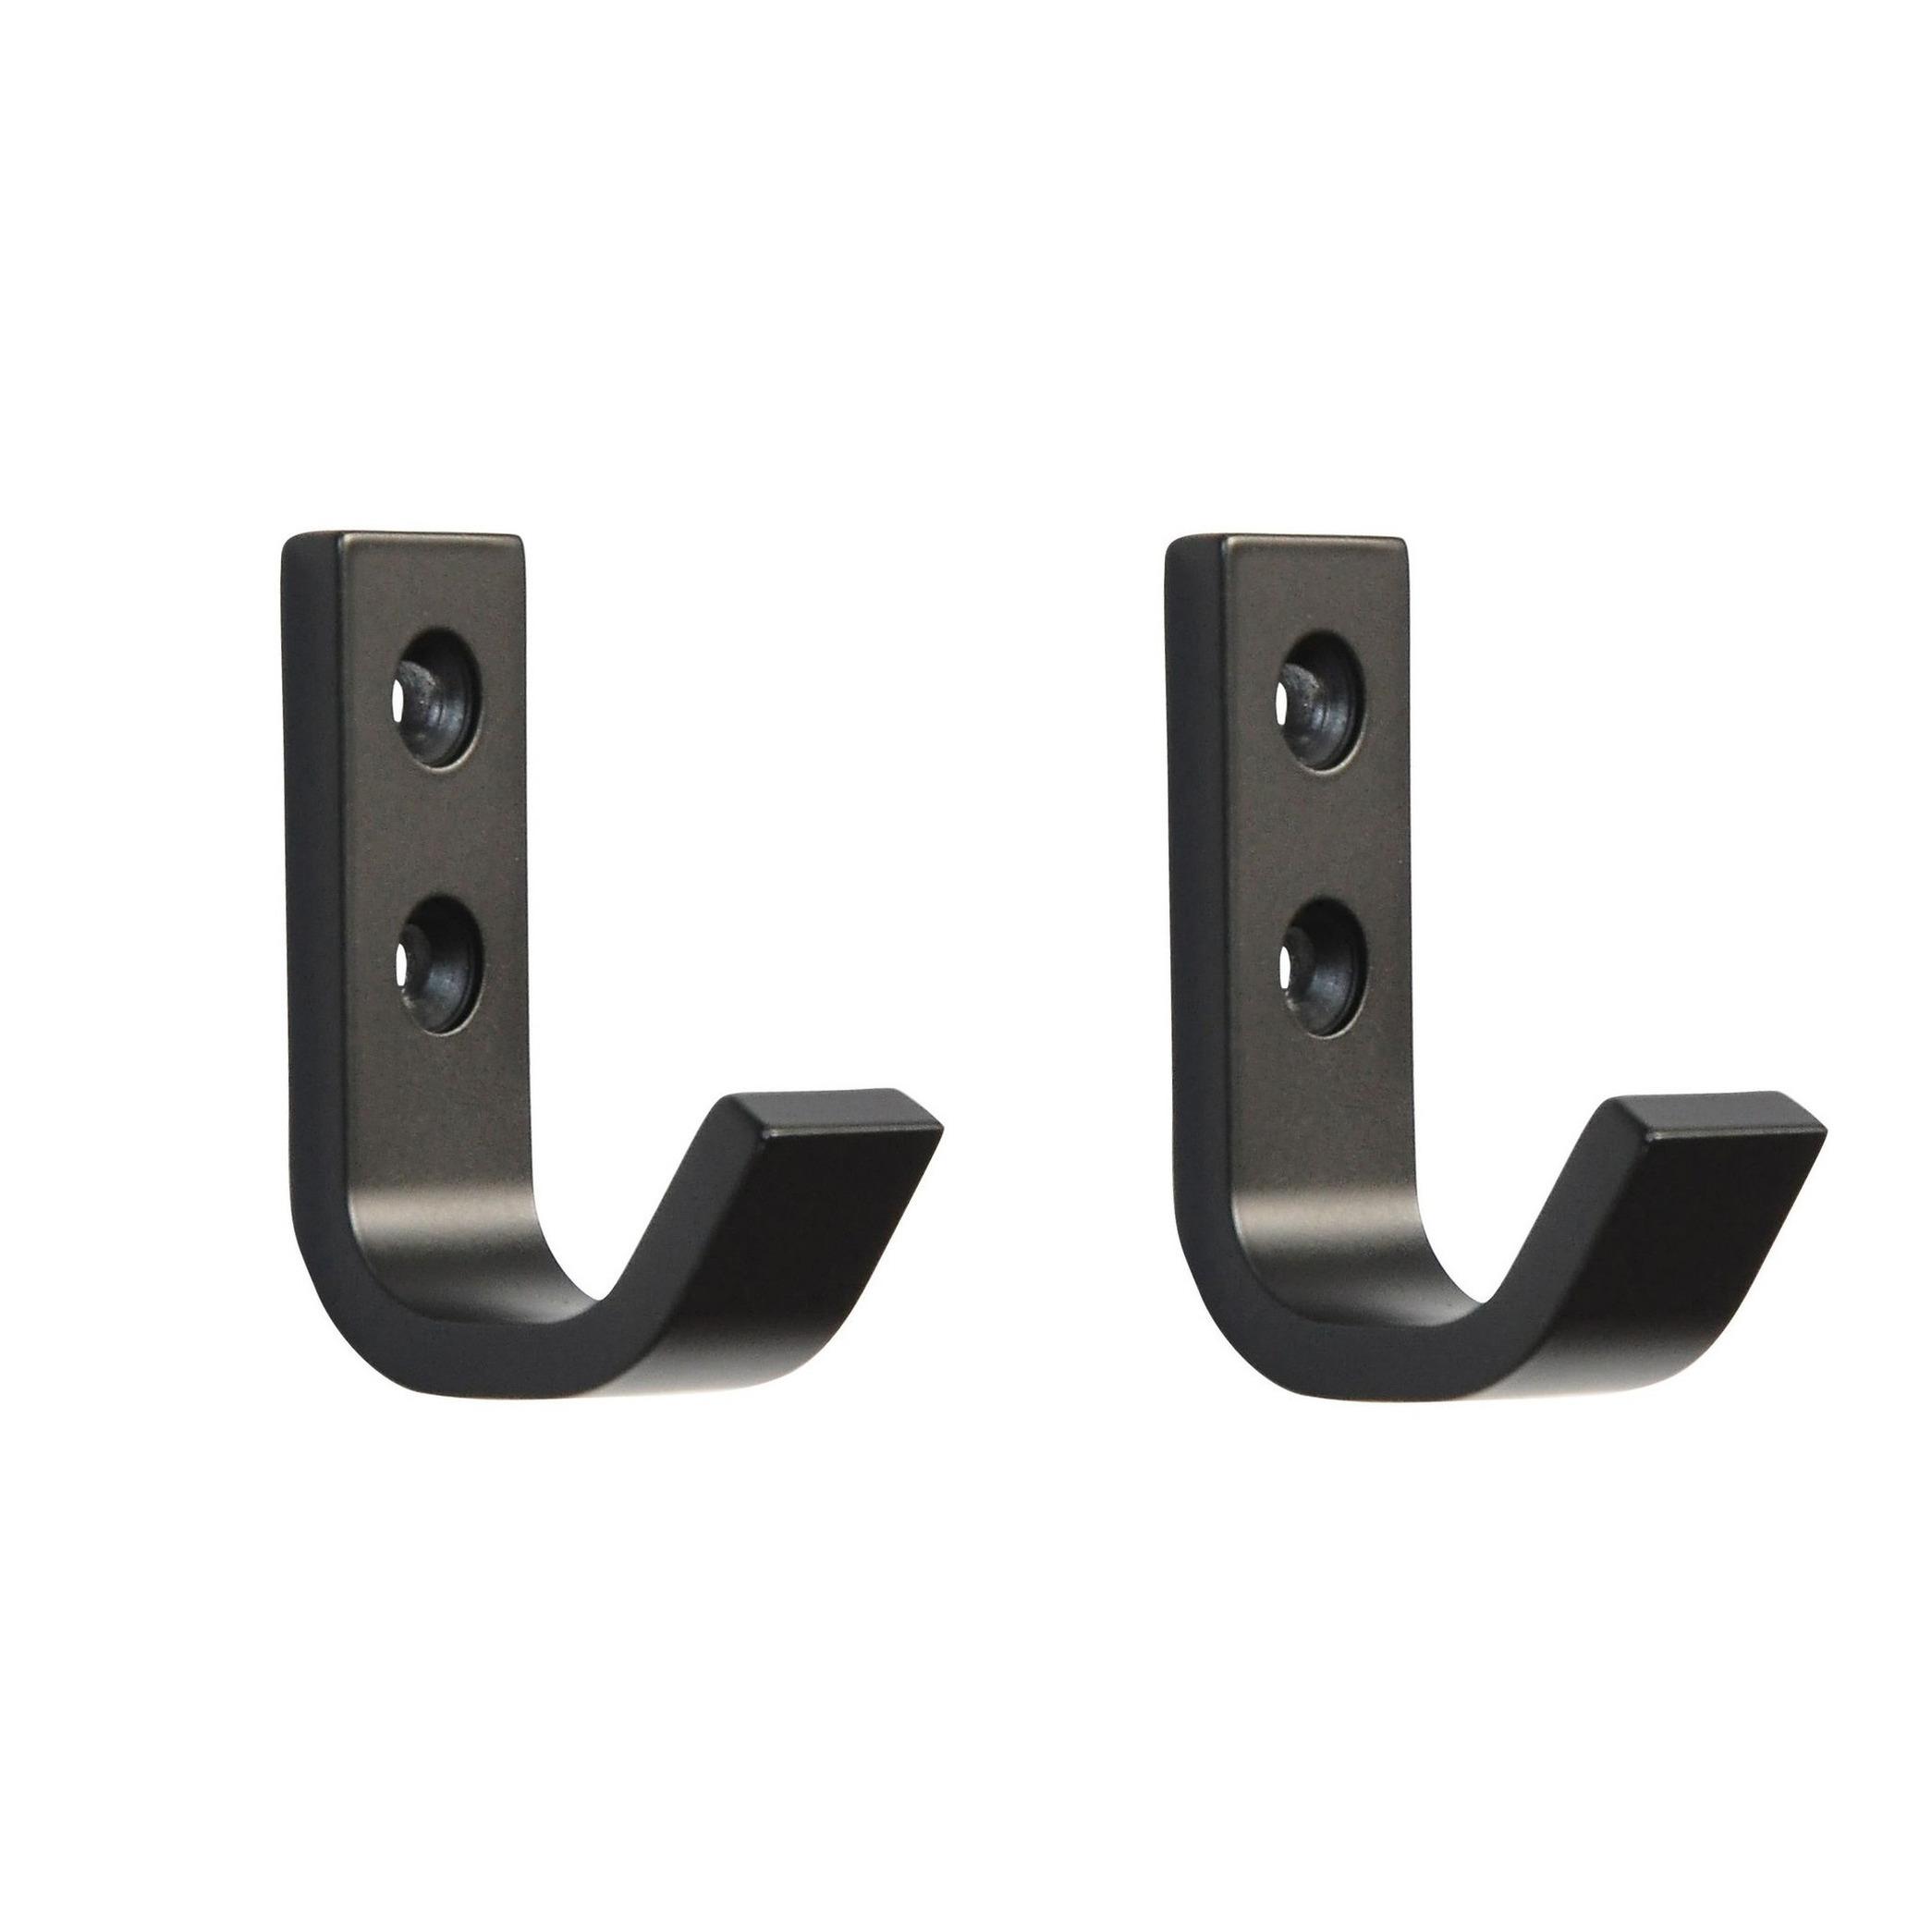 6x Luxe kapstokhaken-jashaken-kapstokhaakjes zwart hoogwaardig aluminium 5,4 x 3,7 cm